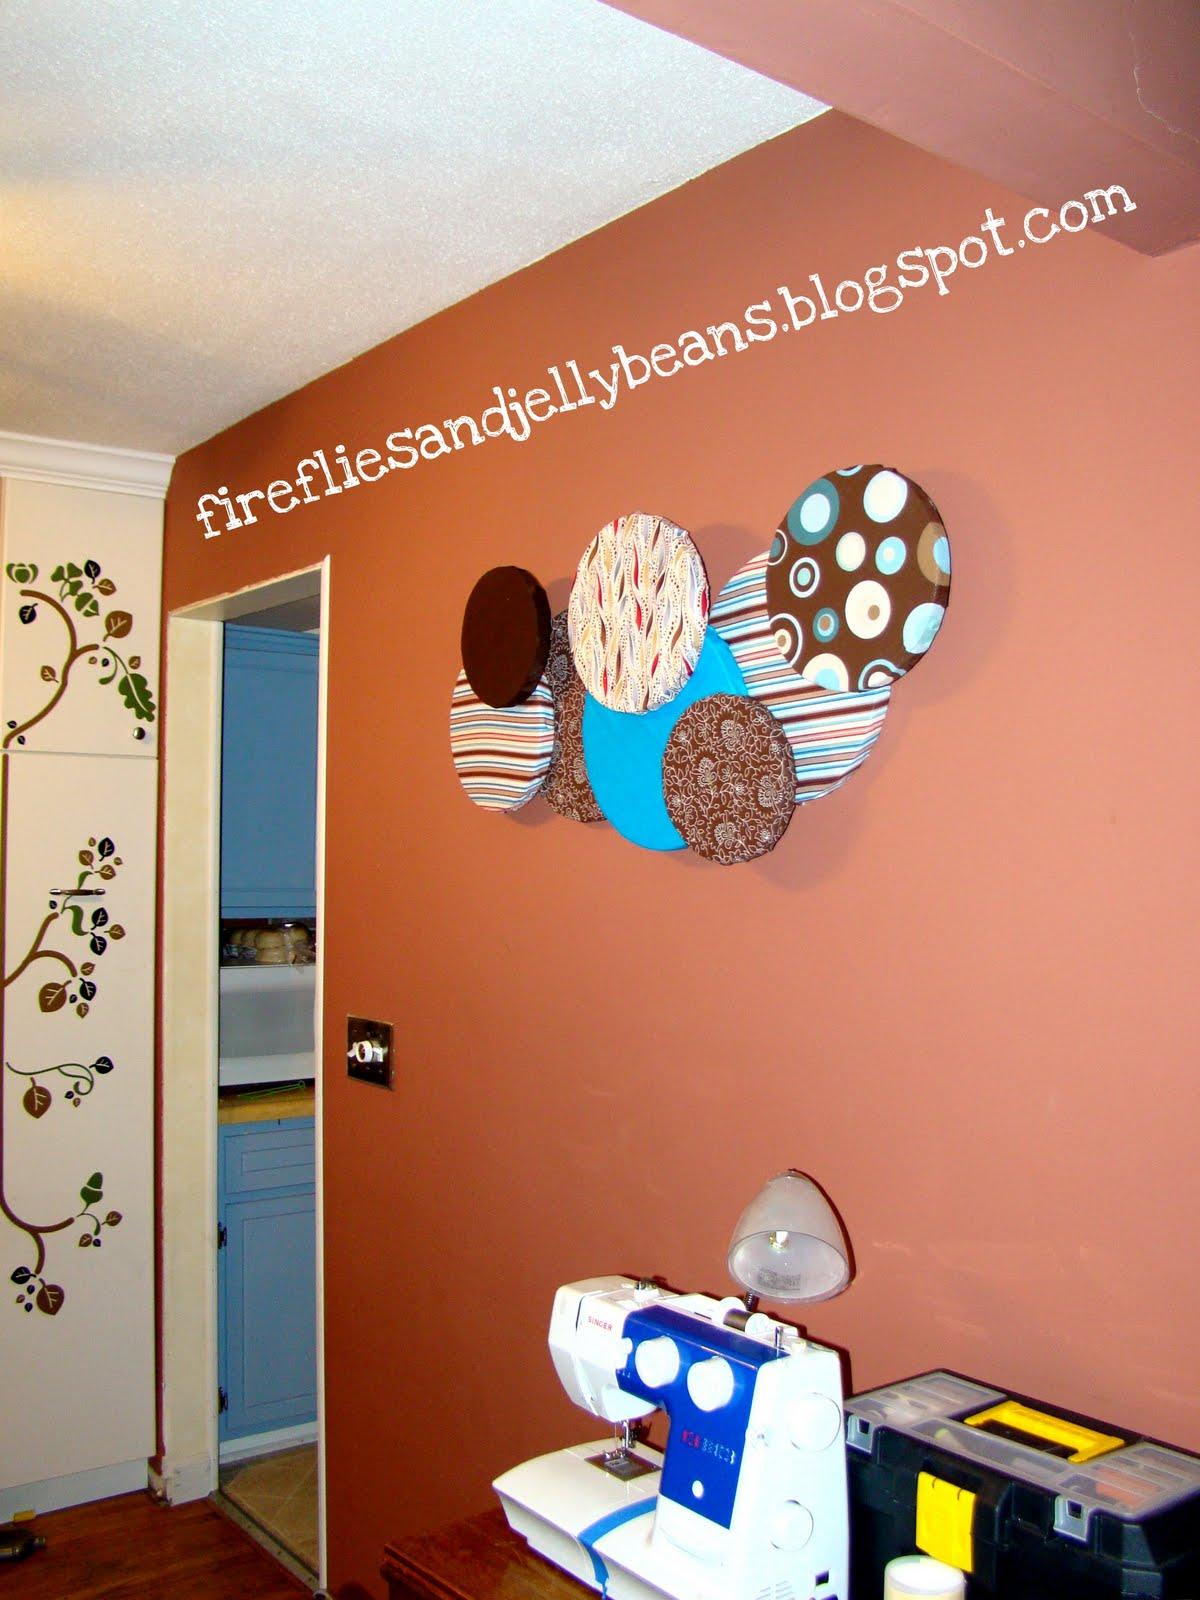 Fireflies and Jellybeans: Circle Wall Art